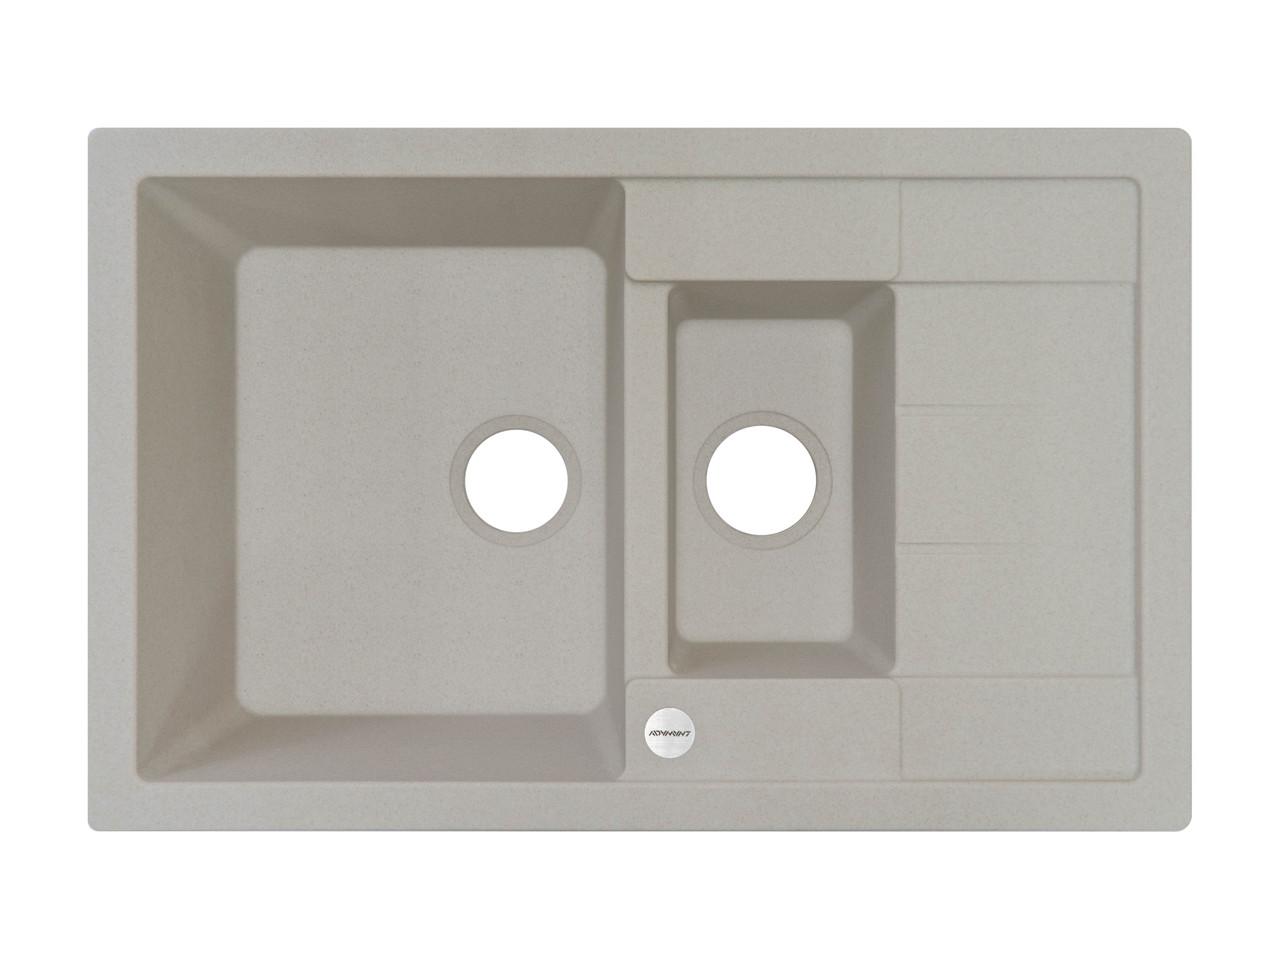 Кухонная мойка на 2 отделения гранитная 78*50*20 см ADAMANT ANILA PLUS (АВЕНА)